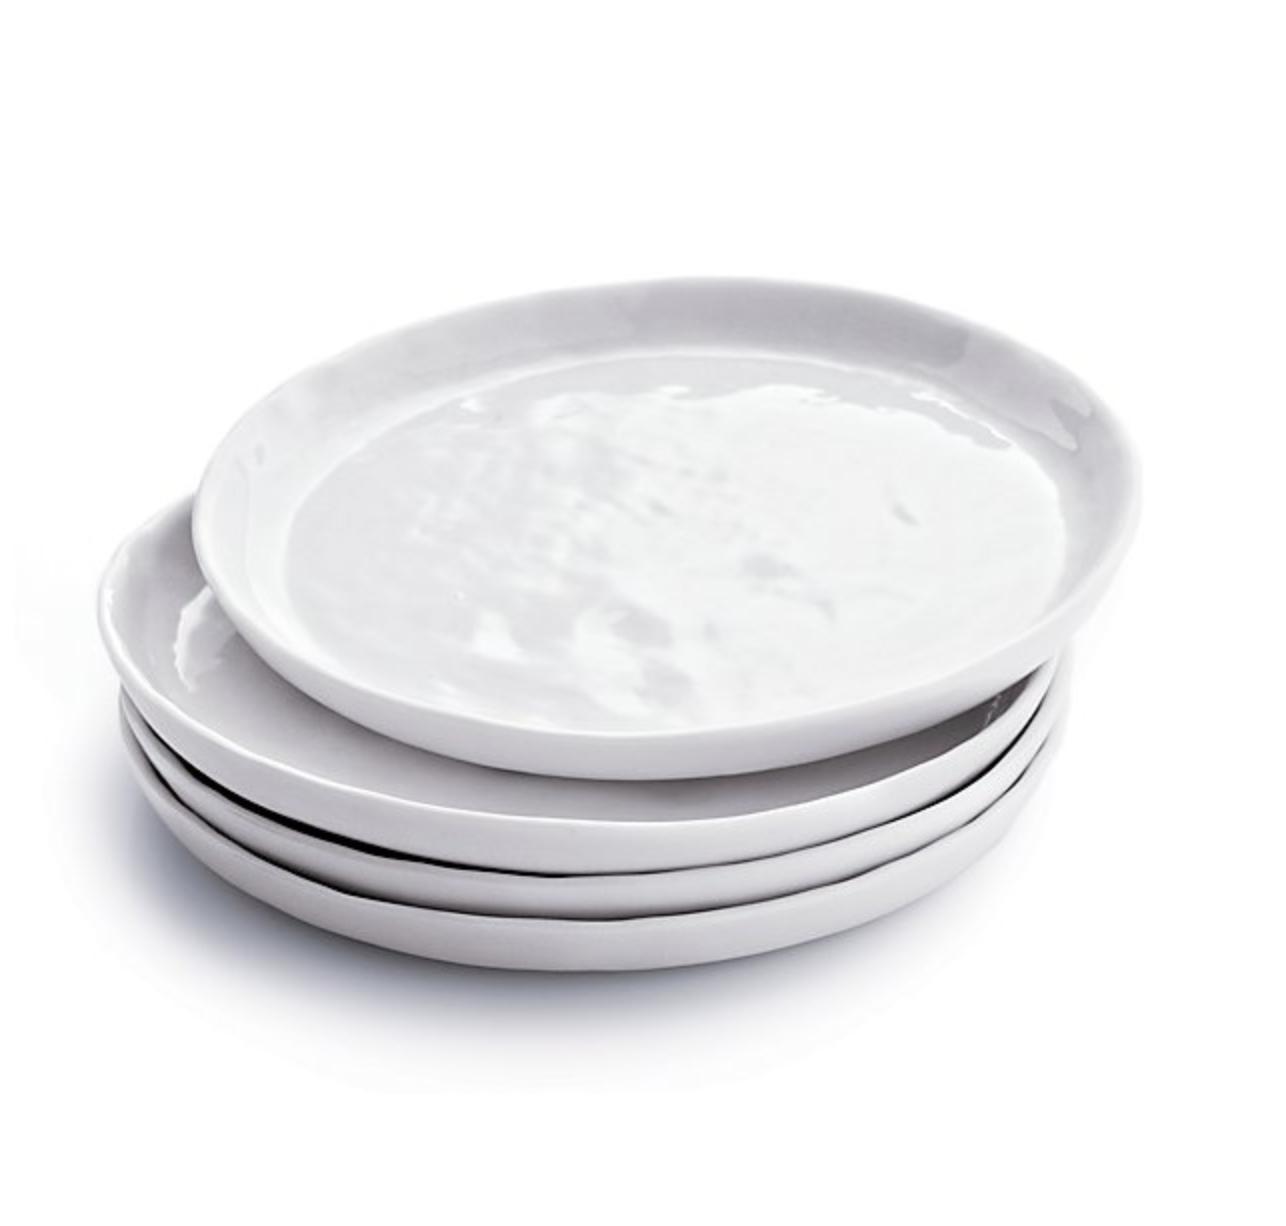 Crate & Barrel Mercer Salad Plate